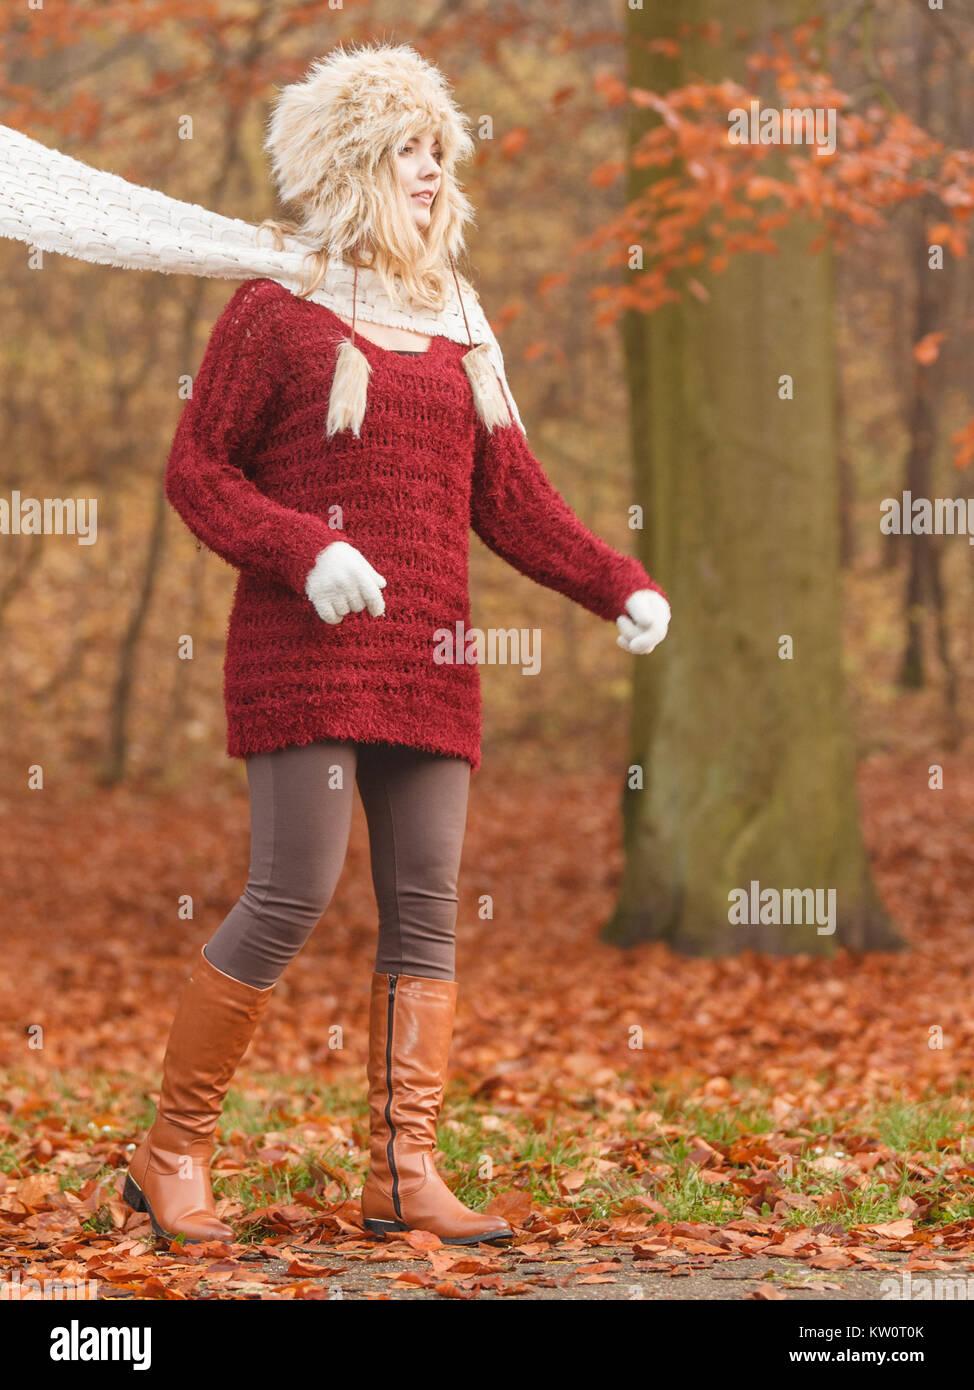 Fashion femme avec foulard volant au vent en automne automne forêt parc  contre le vent souffle. Jeune fille au chapeau de fourrure pull et s amusant  à ... 9764ab9d050